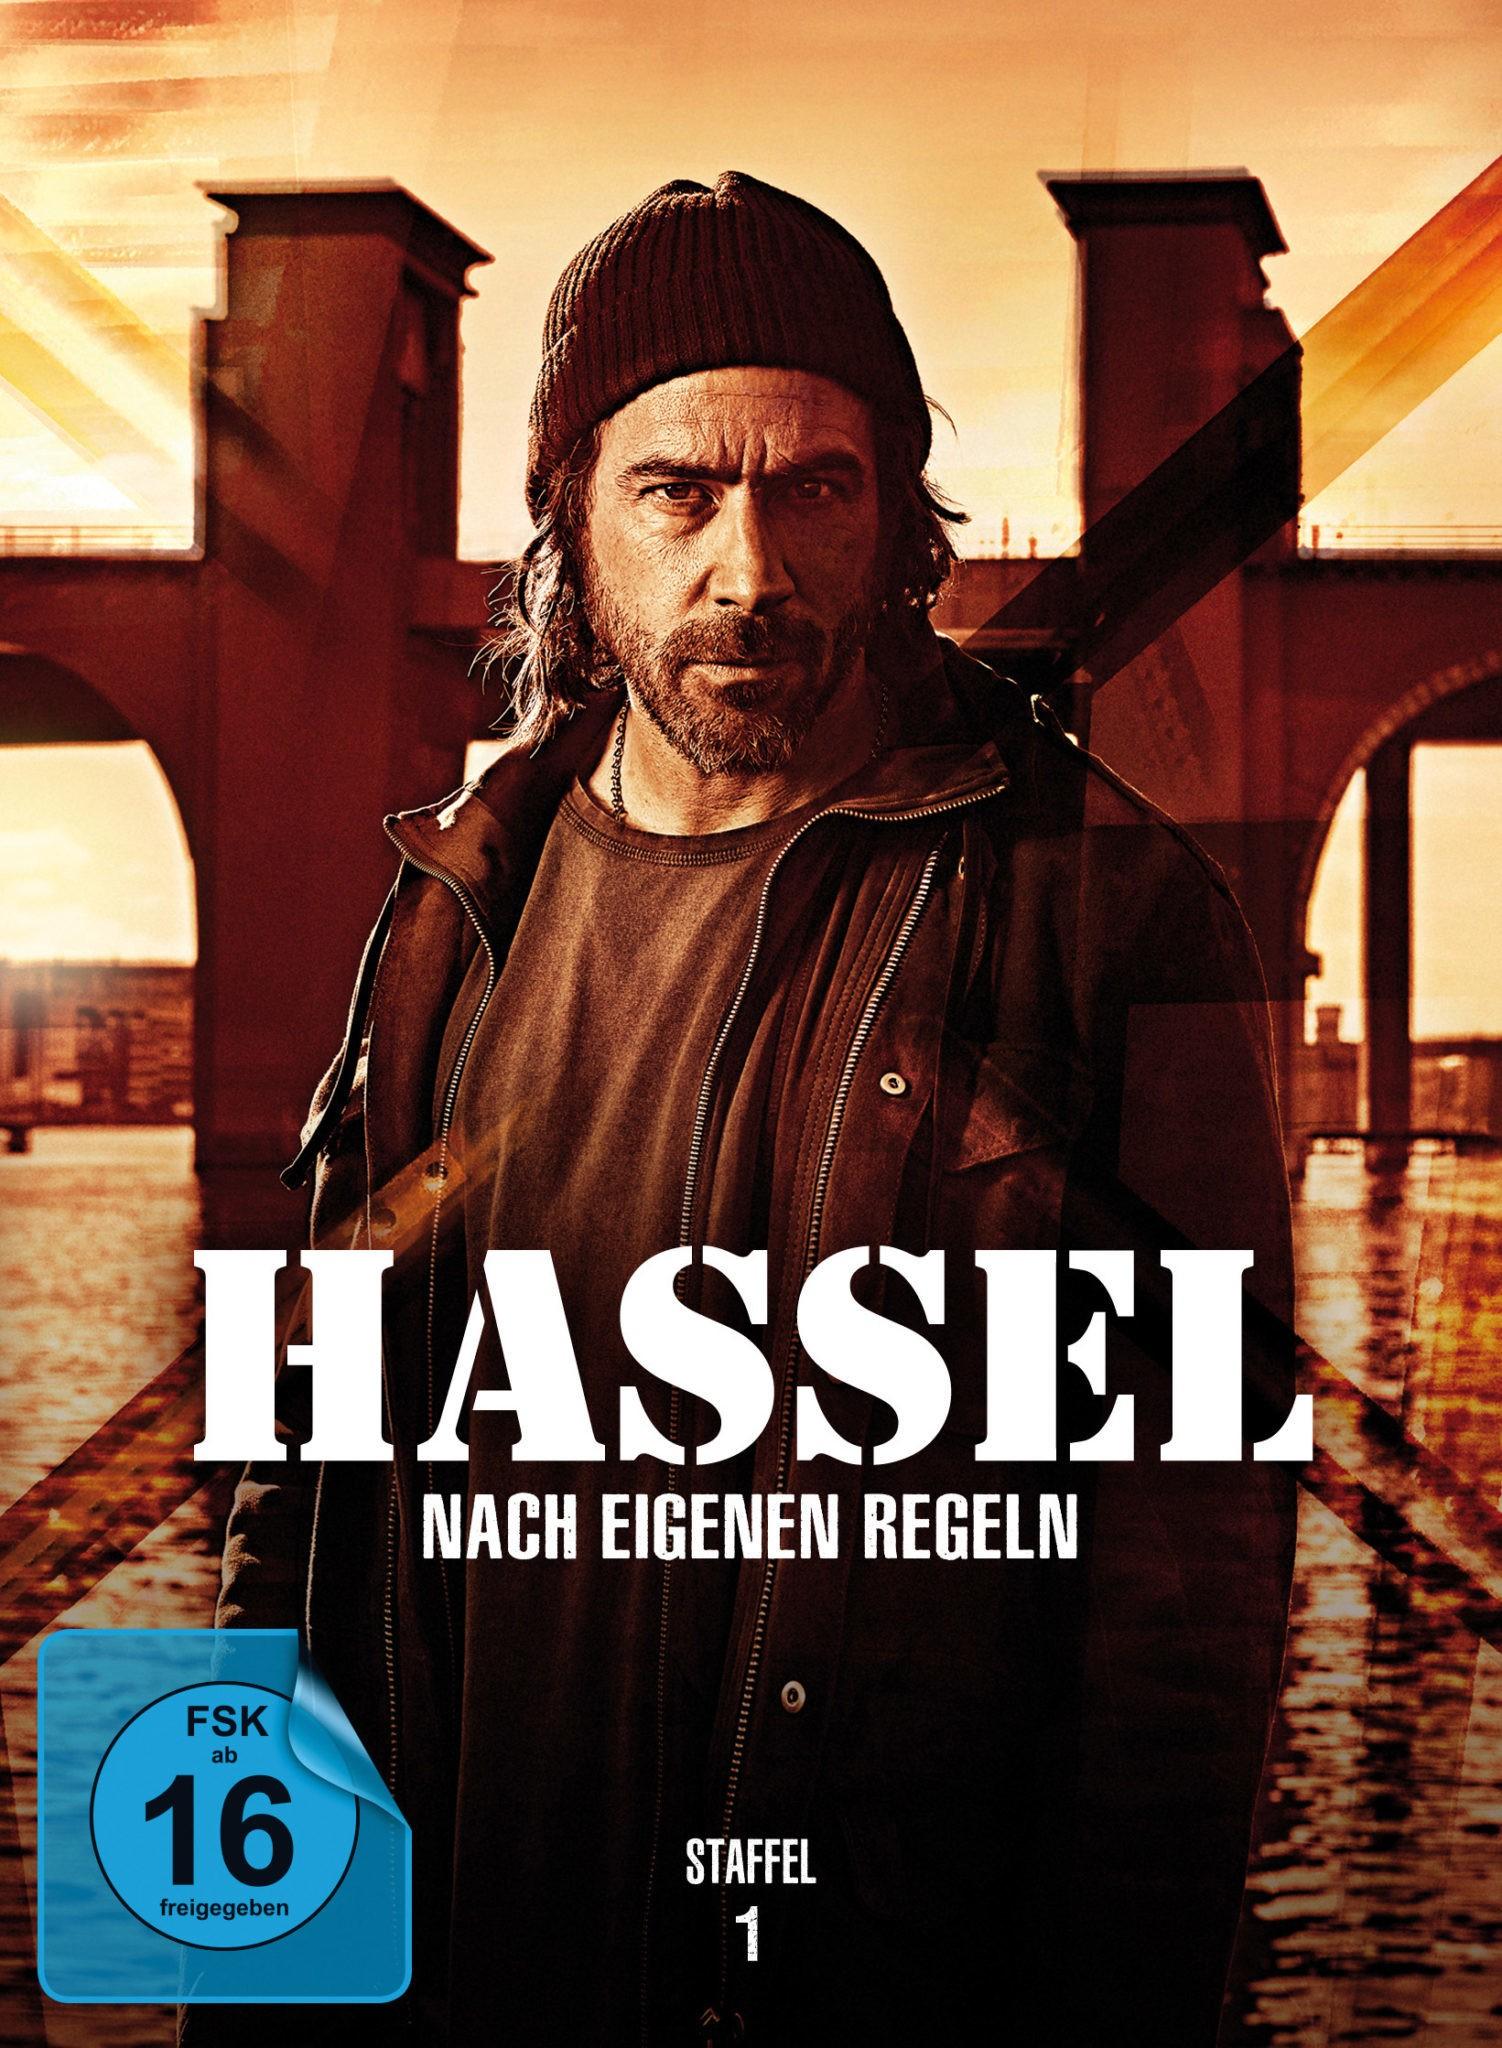 Hassel DVD 2DCover 01 - OXMOX VERLOST DVDS: HASSEL STAFFEL 1